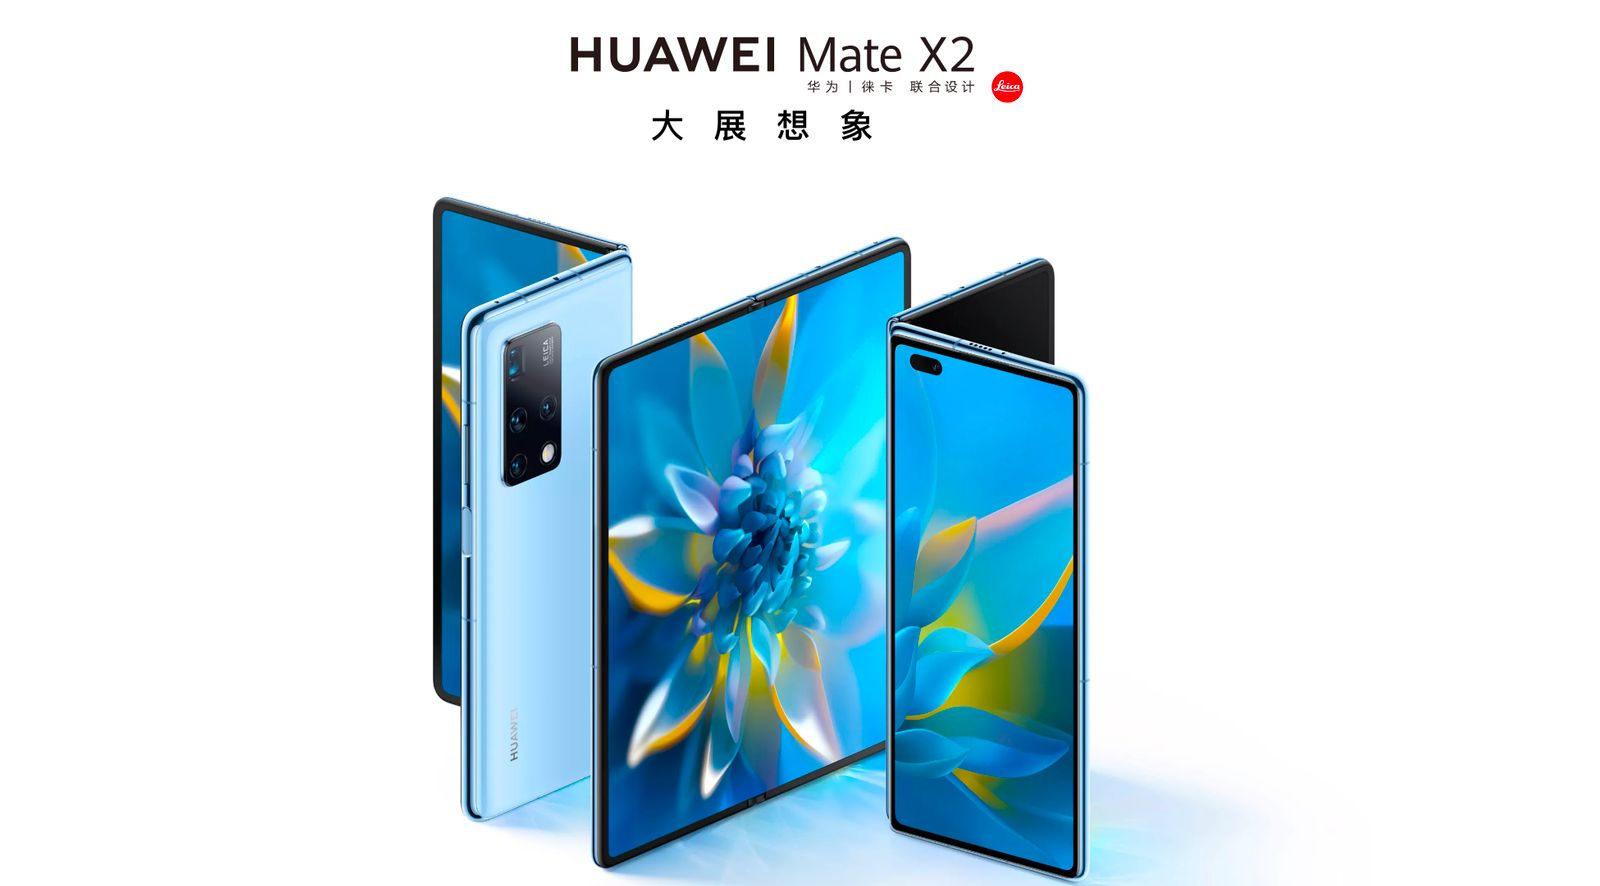 Screenshot / Huawei Mate X2